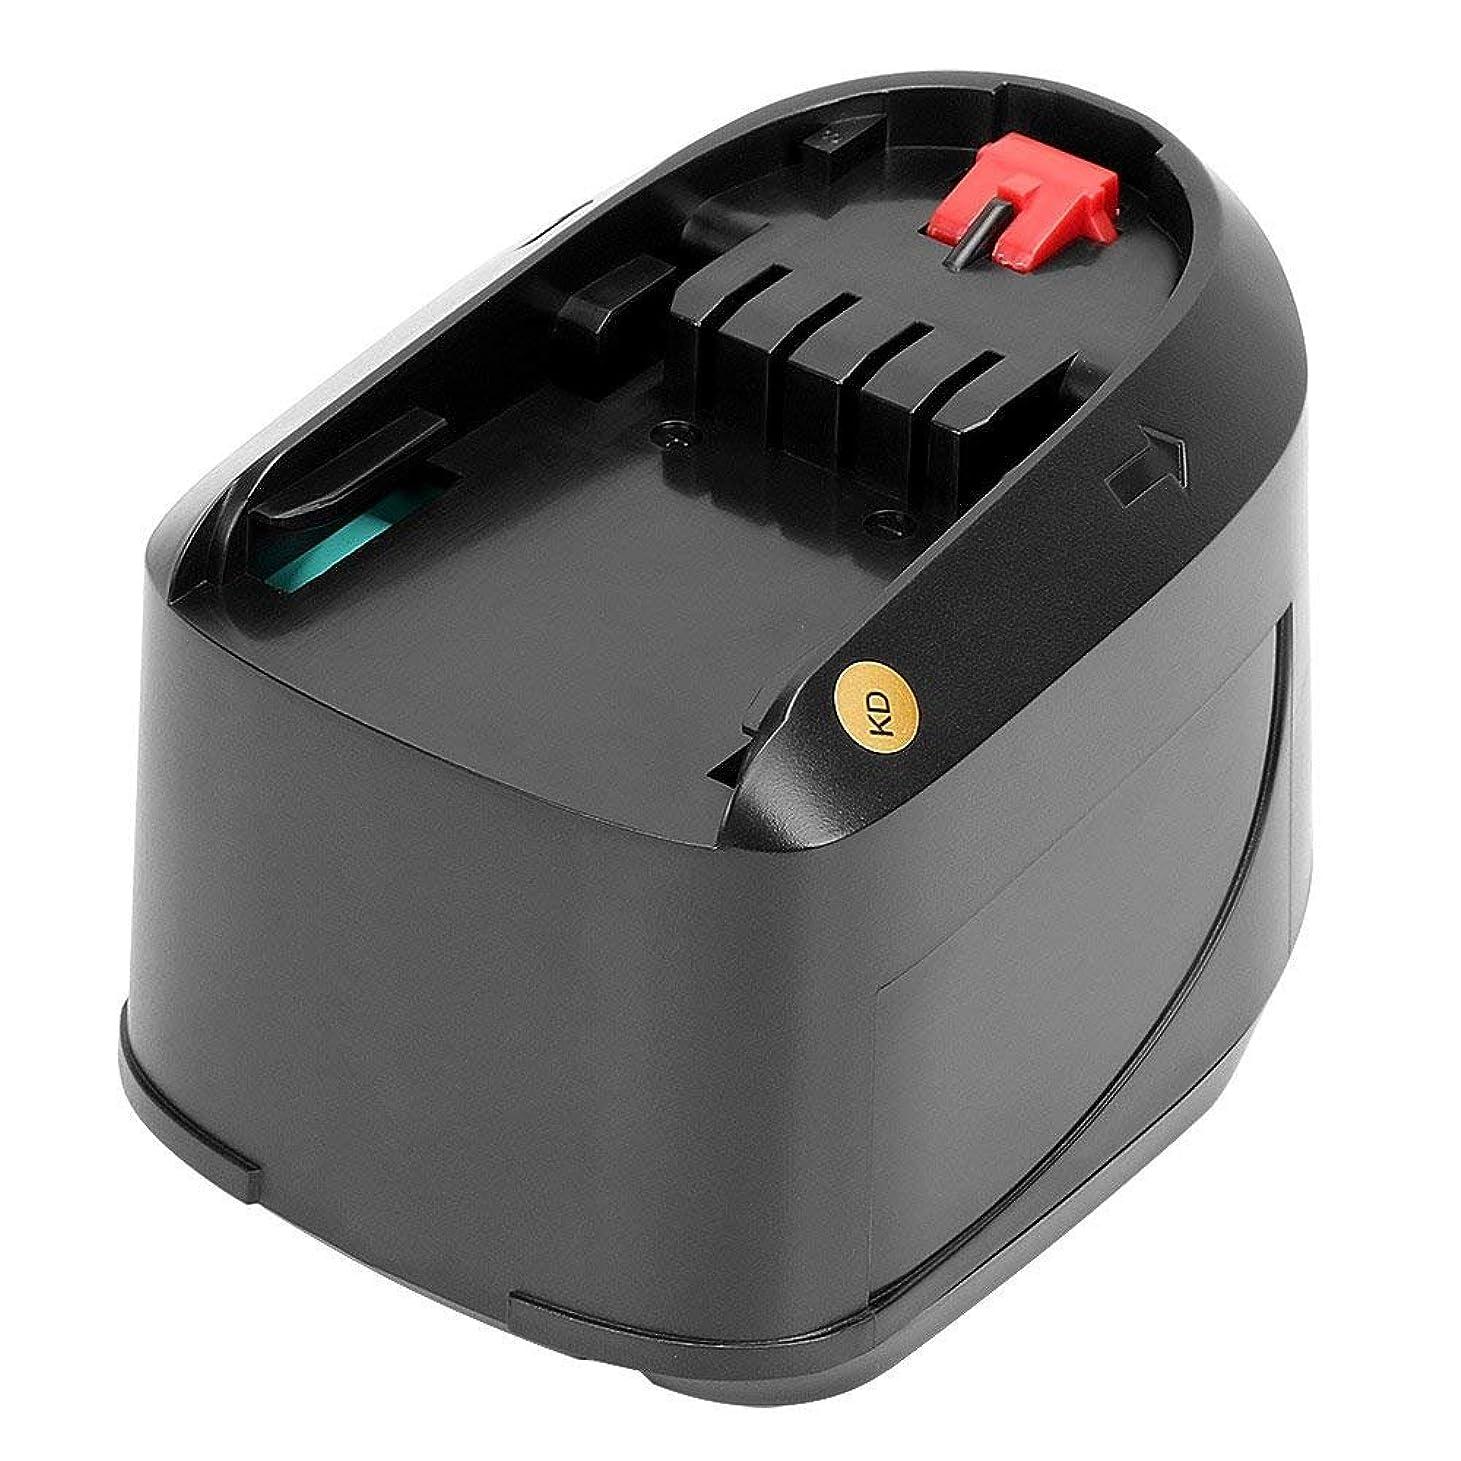 規定ギャンブルバスタブ【POWERGIANT】大容量ボッシュBOSCH 18V 5.0Ah 互換バッテリー A1815LIG PBA218 PBA318対応 Li-ionリチウムイオン電池パック PDR18LI PDR18LI-1B PSR18LI PSR1800LI-2 ALB18LIN